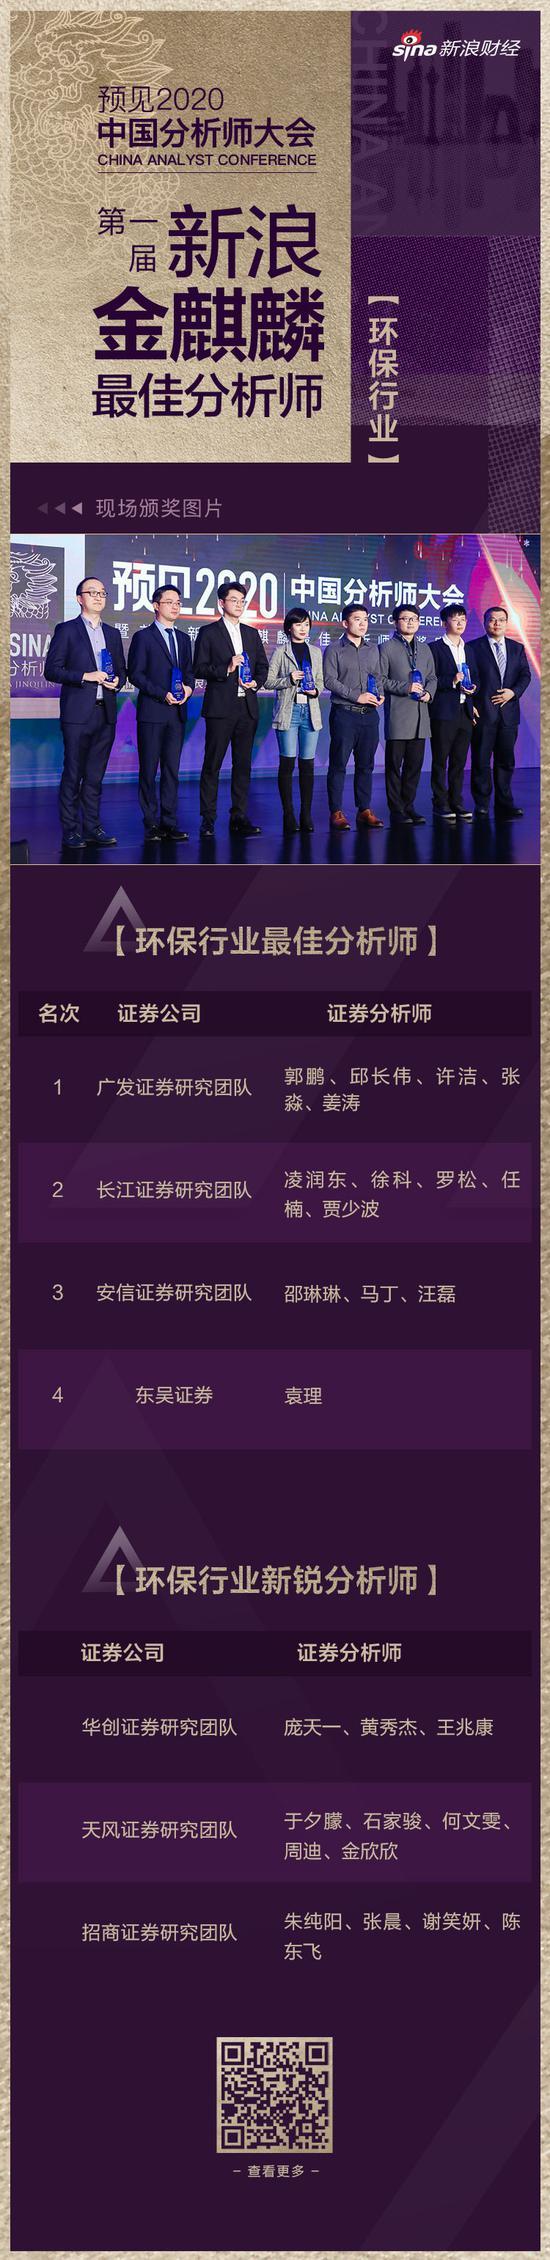 d88.com官网app - 高考数学捧红古代官员独孤信 他被称天下第一岳父